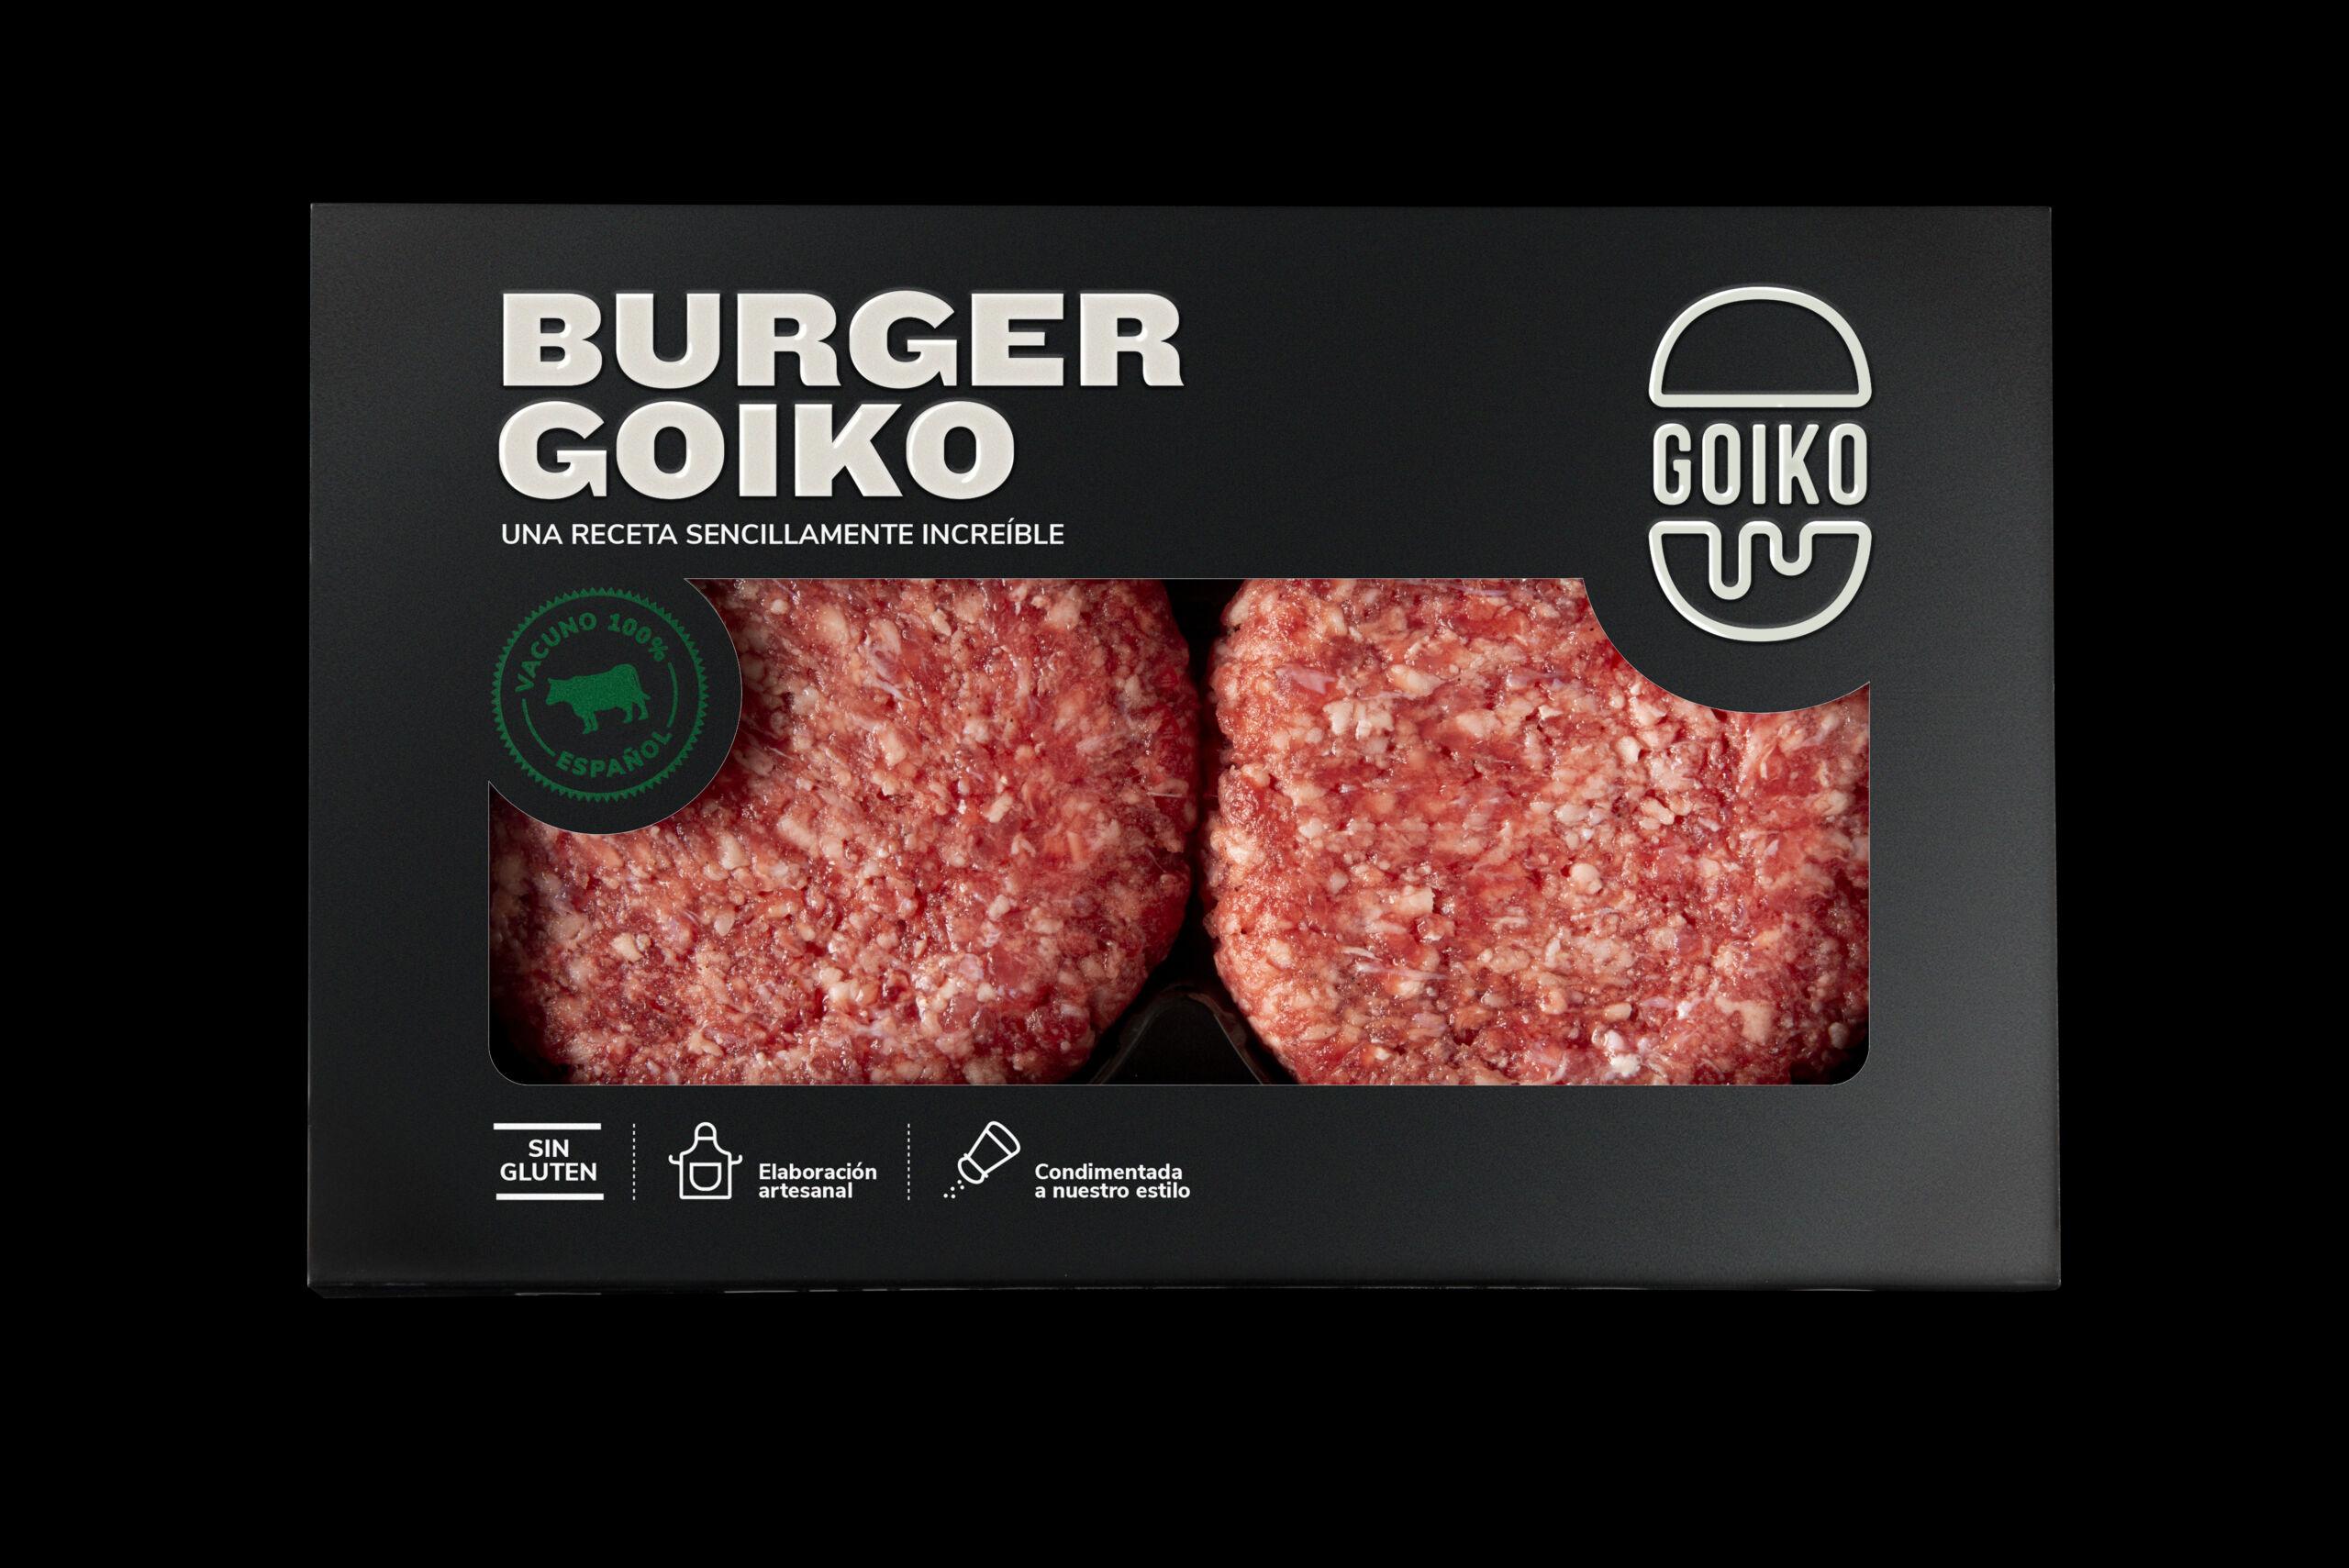 Las hamburguesas de Goiko cuestan 6,69€ en loss supermercados de El Corte Inglés / Foto: Goikocina